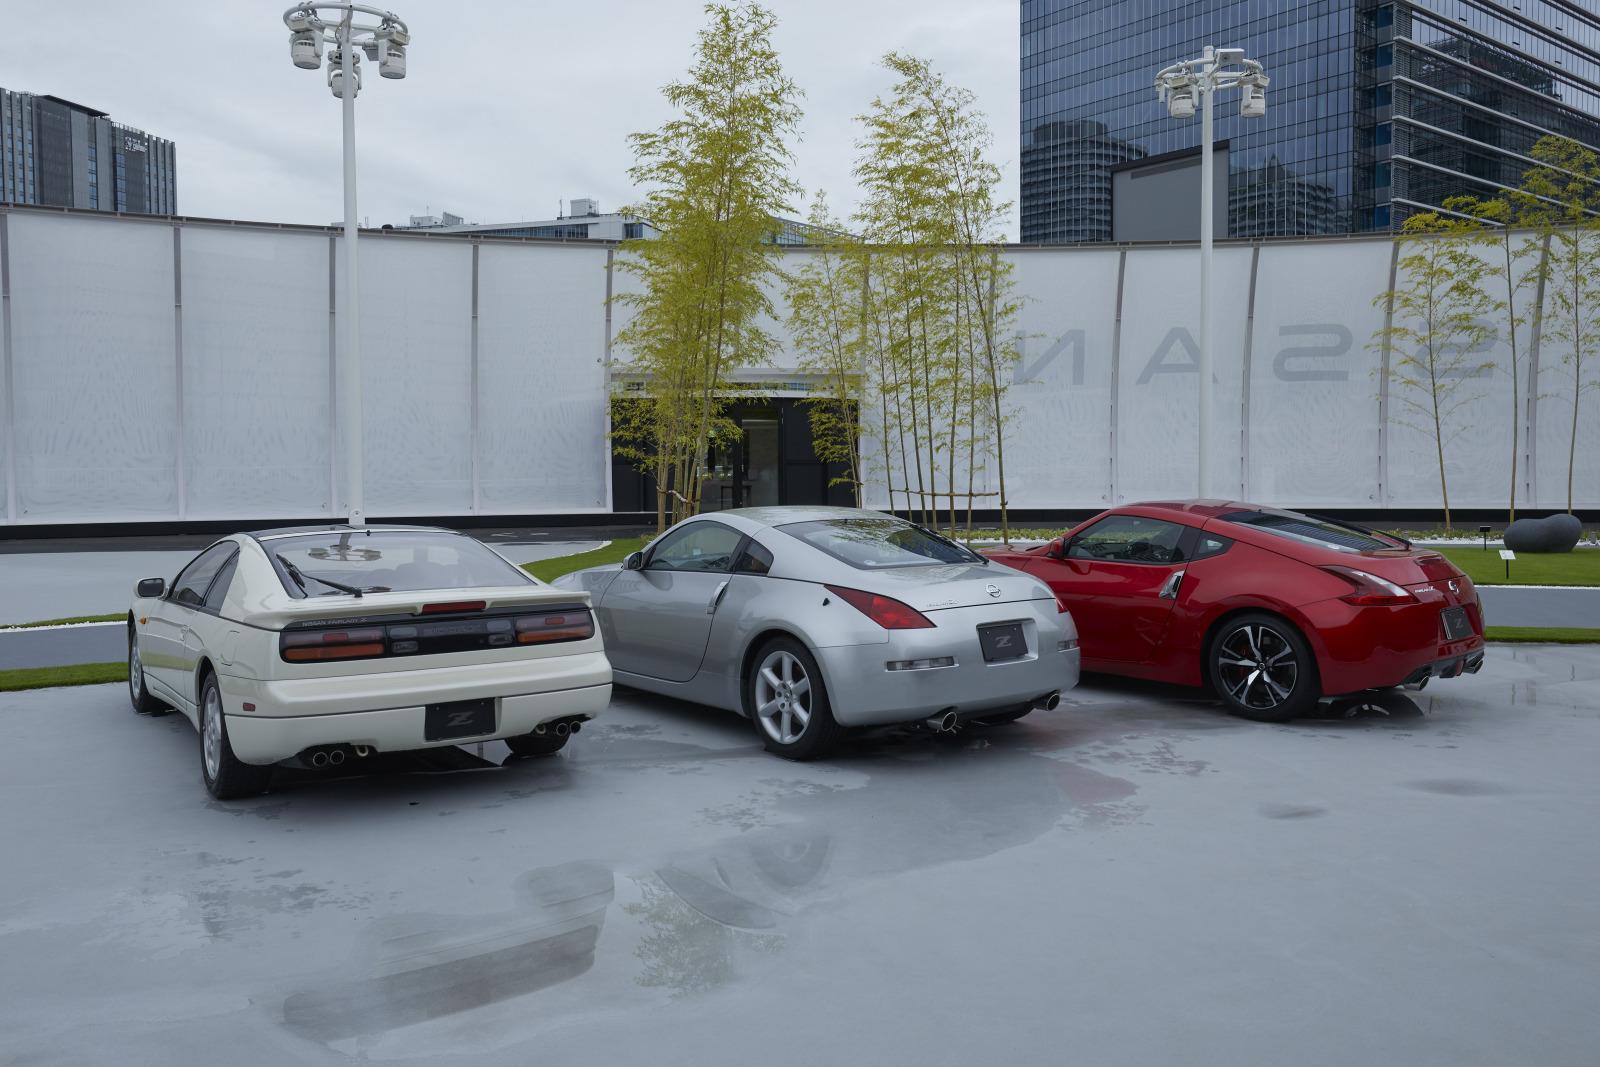 「日産、環境の時代&スポーツカー氷河期の中、なぜフェアレディZプロトタイプを発表したのか?」の49枚目の画像